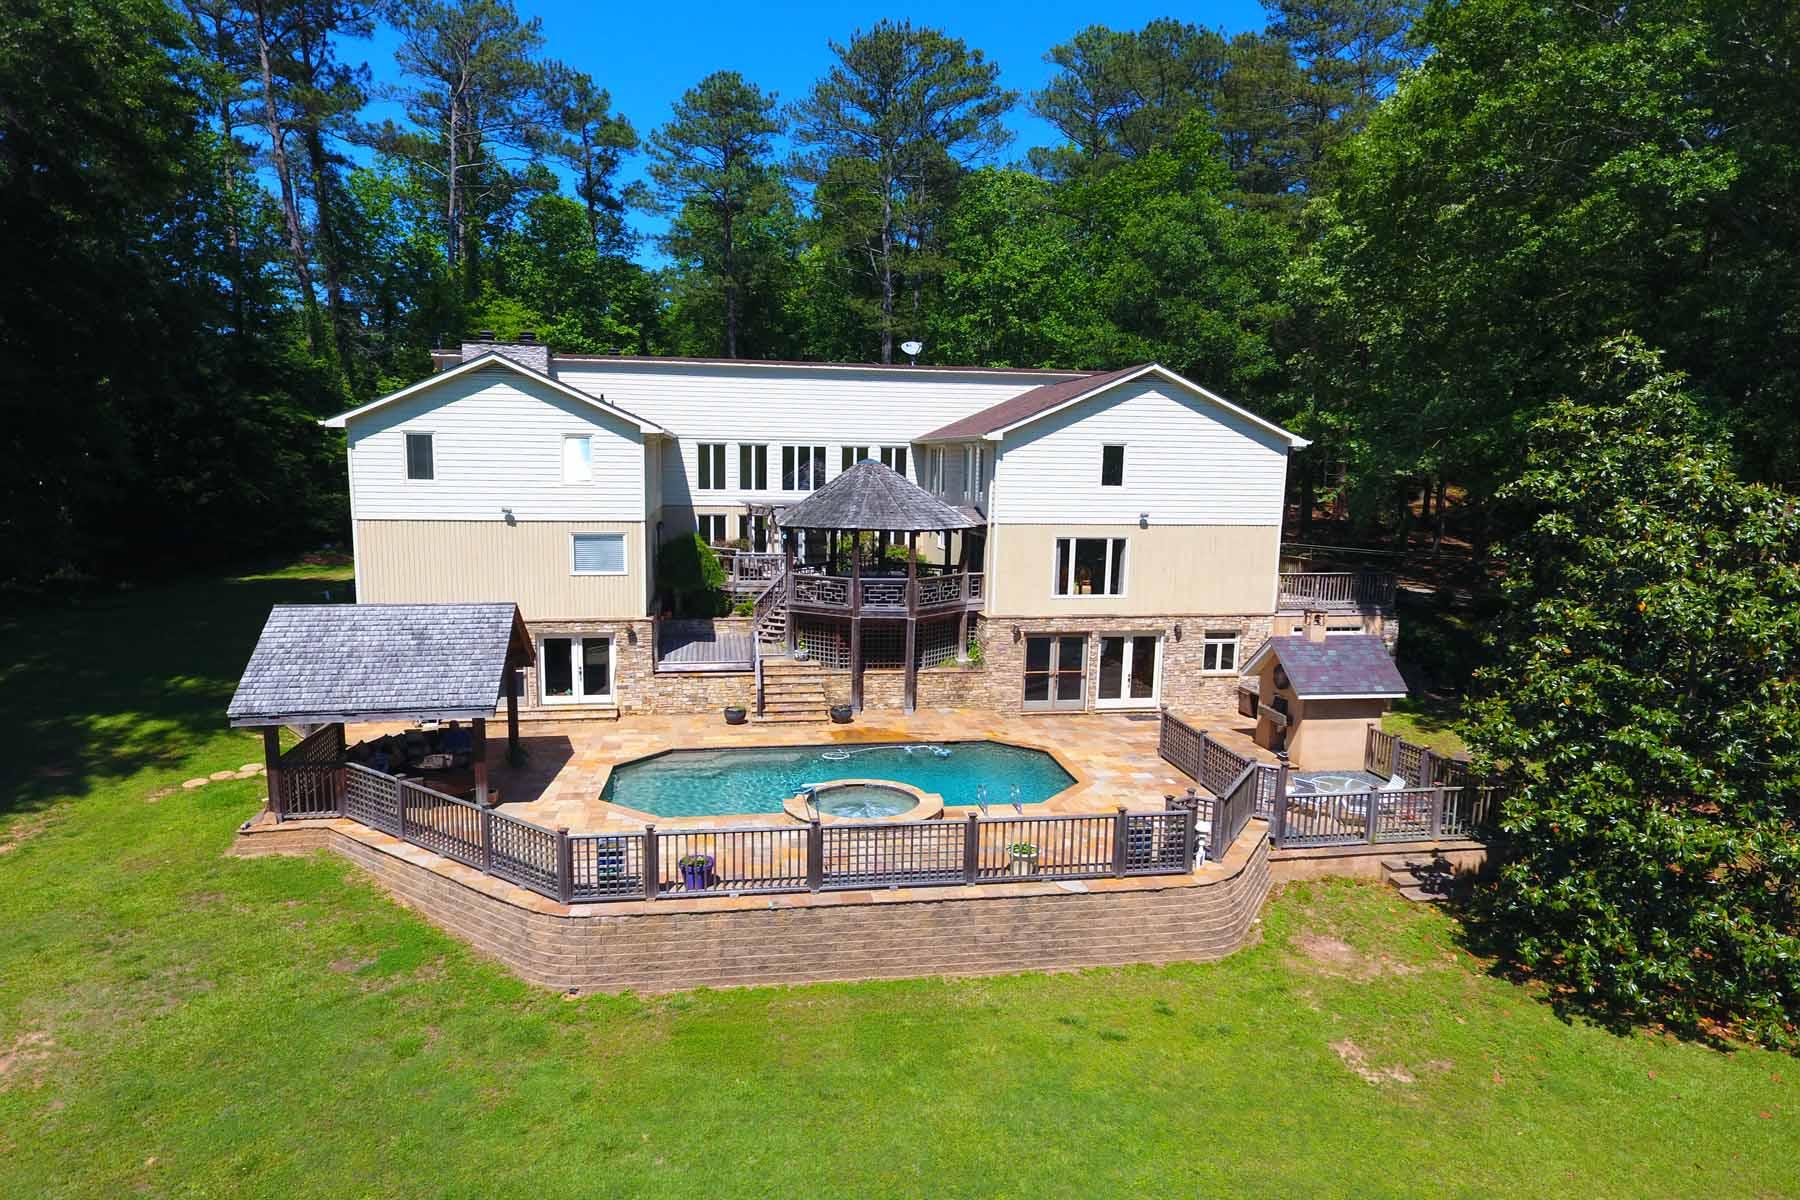 단독 가정 주택 용 매매 에 Serene Private 10 Acre 8 Bedroom Equestrian Property Just Minutes From Hwy. 85 1004 Mill Creek Run Suwanee, 조지아, 30024 미국